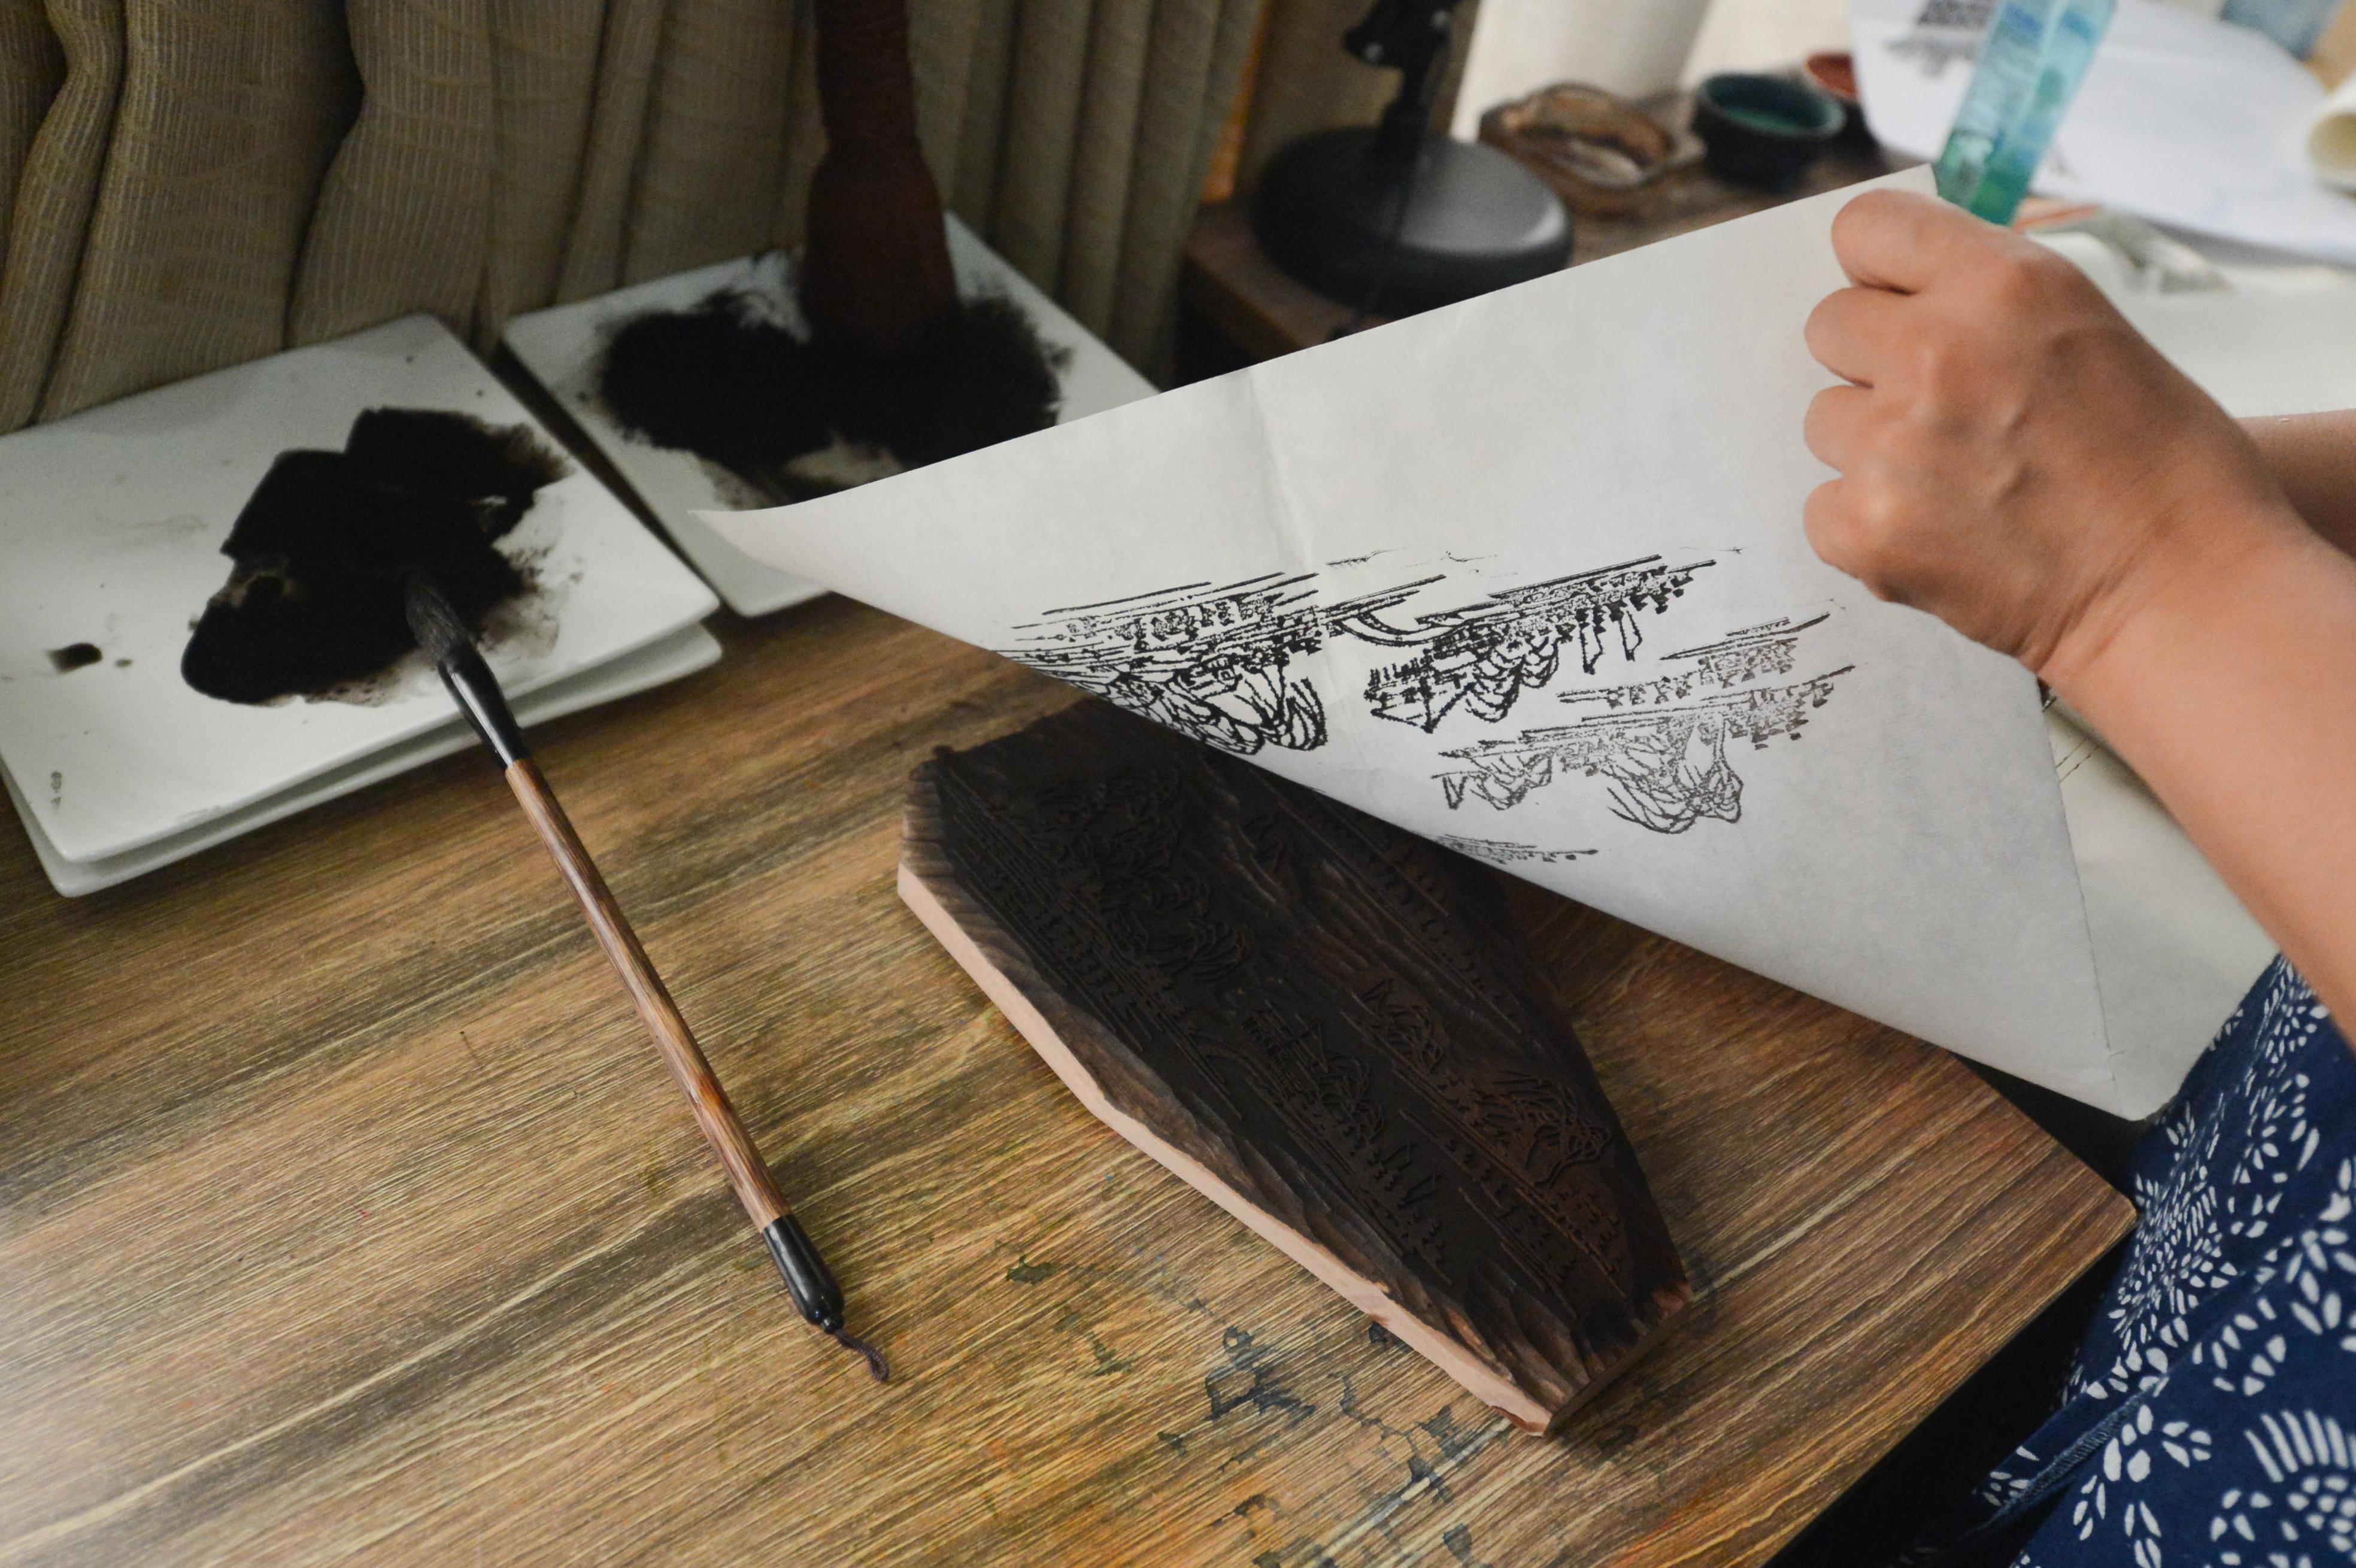 嘉兴女教师将嘉禾八景微缩成木刻水印